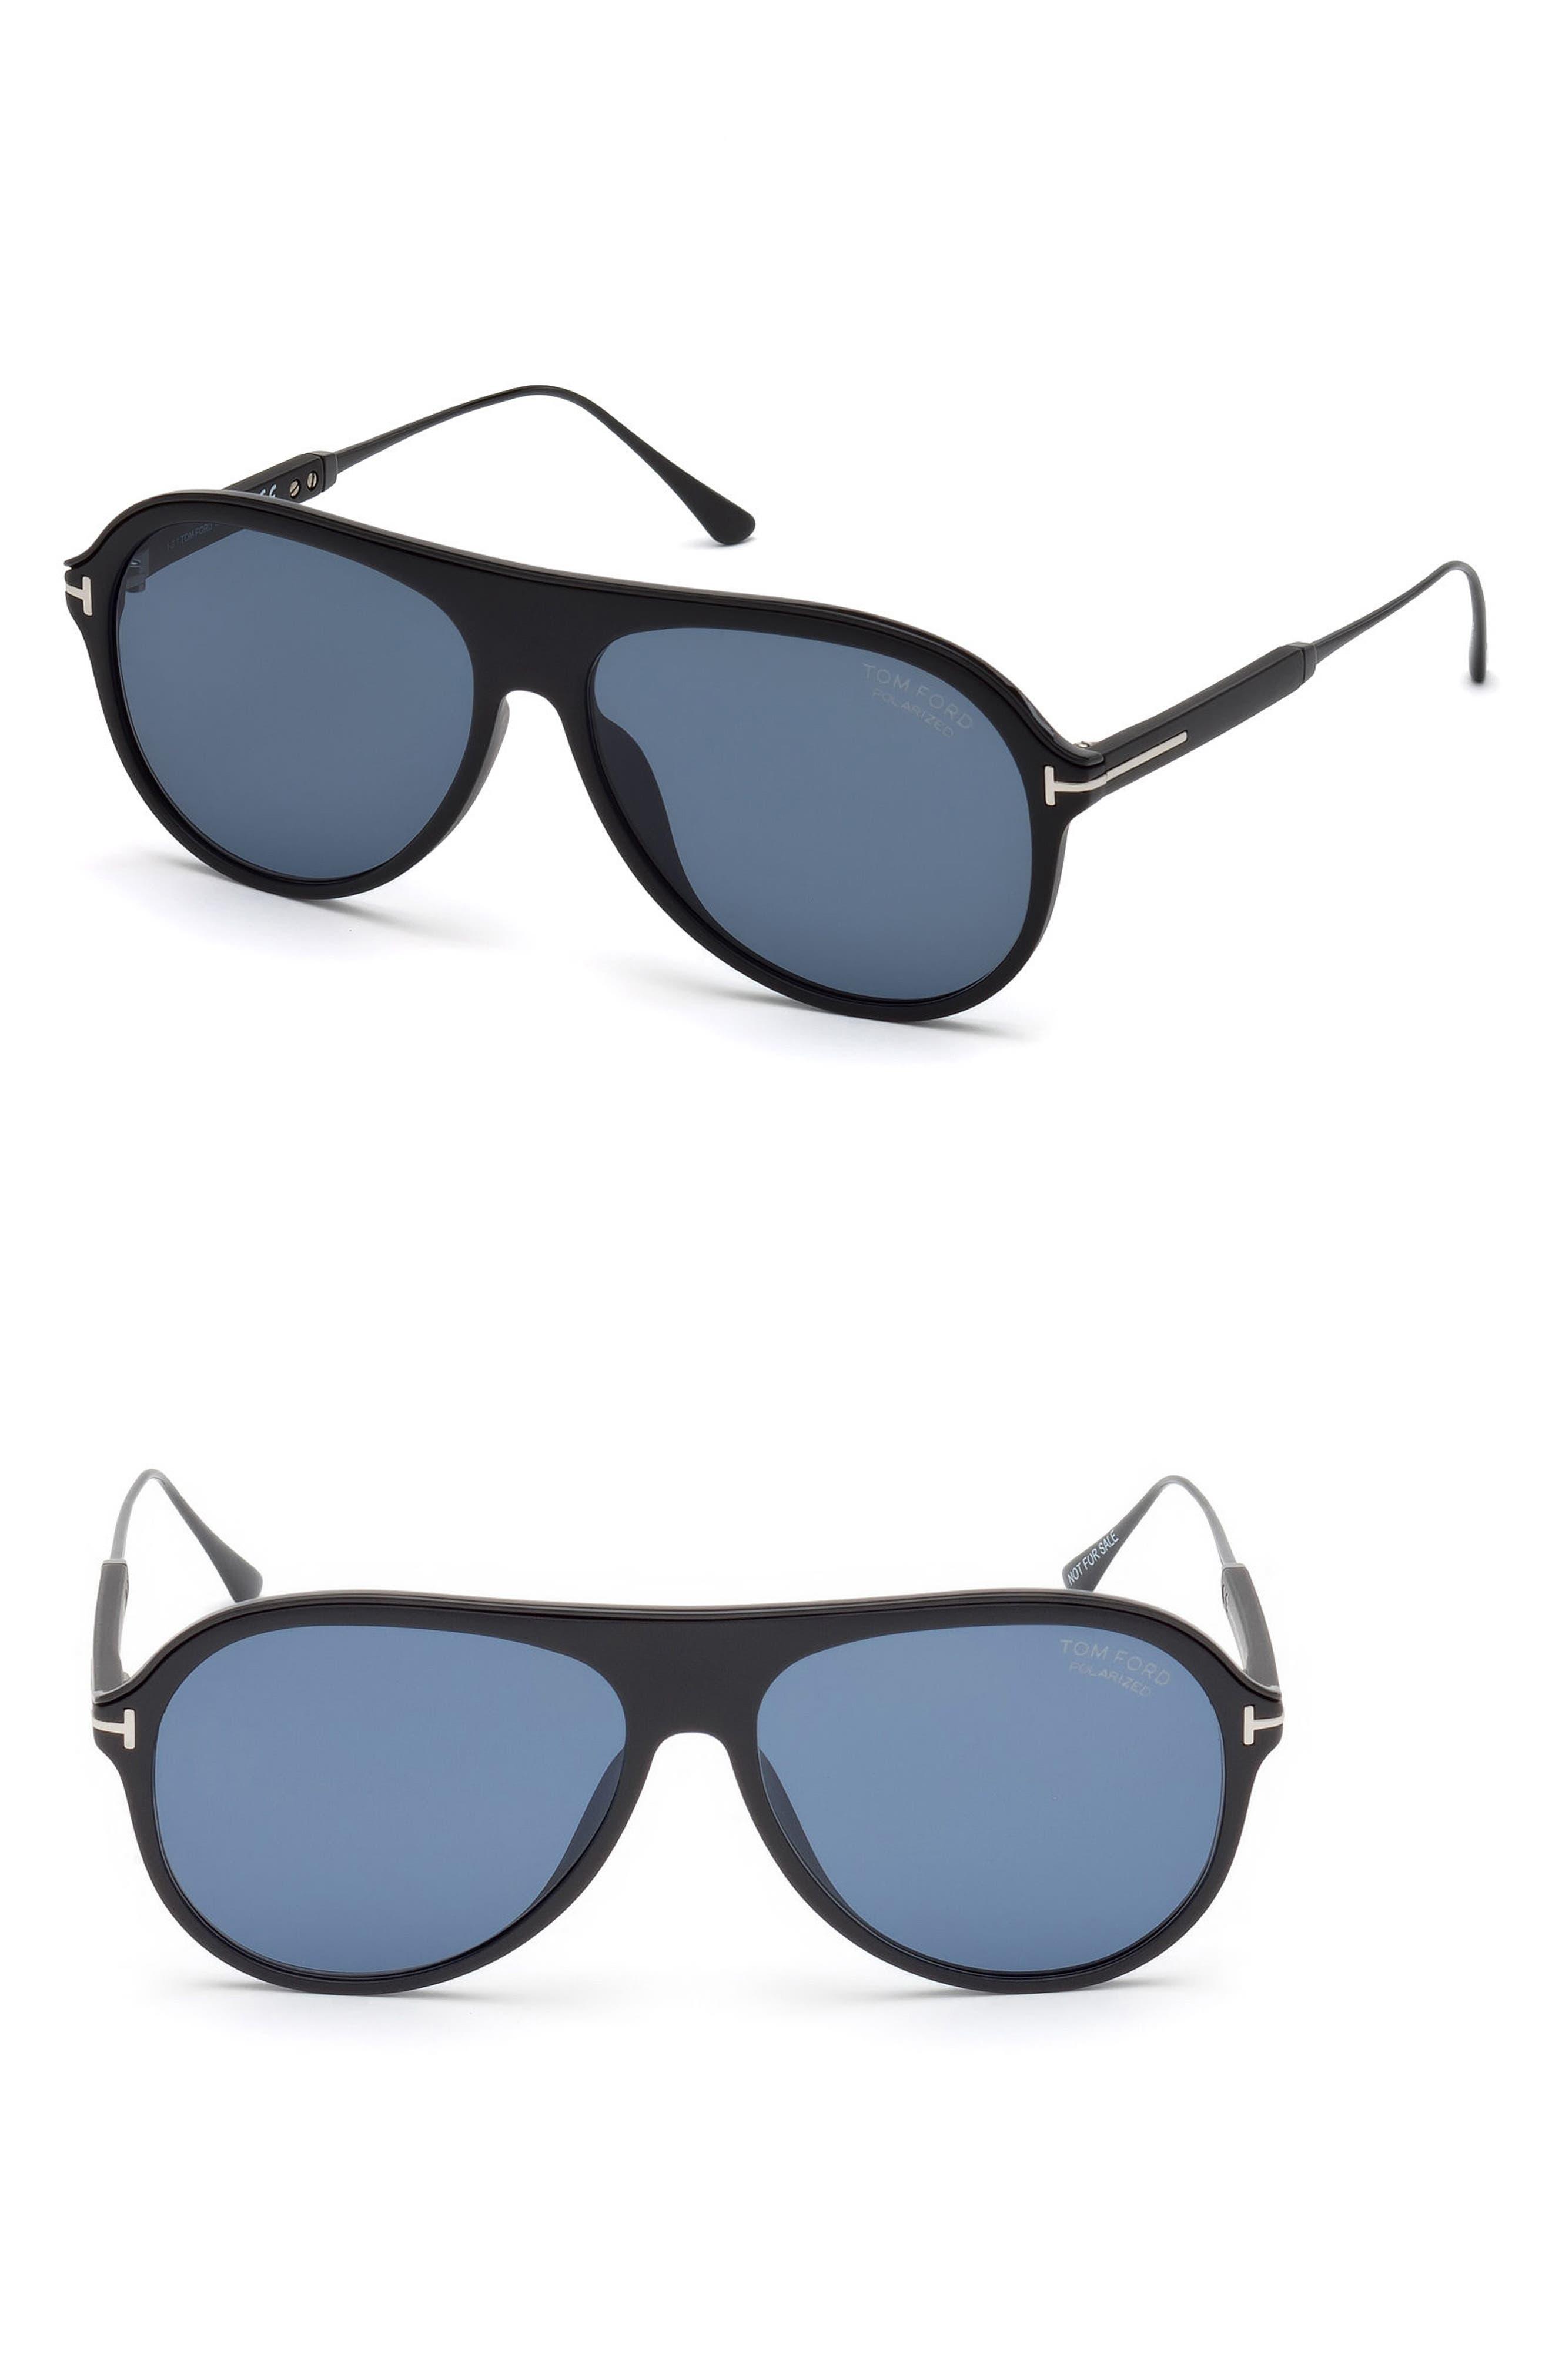 Nicholai-02 57mm Polarized Sunglasses,                             Main thumbnail 1, color,                             Matte Black / Smoke Polarized